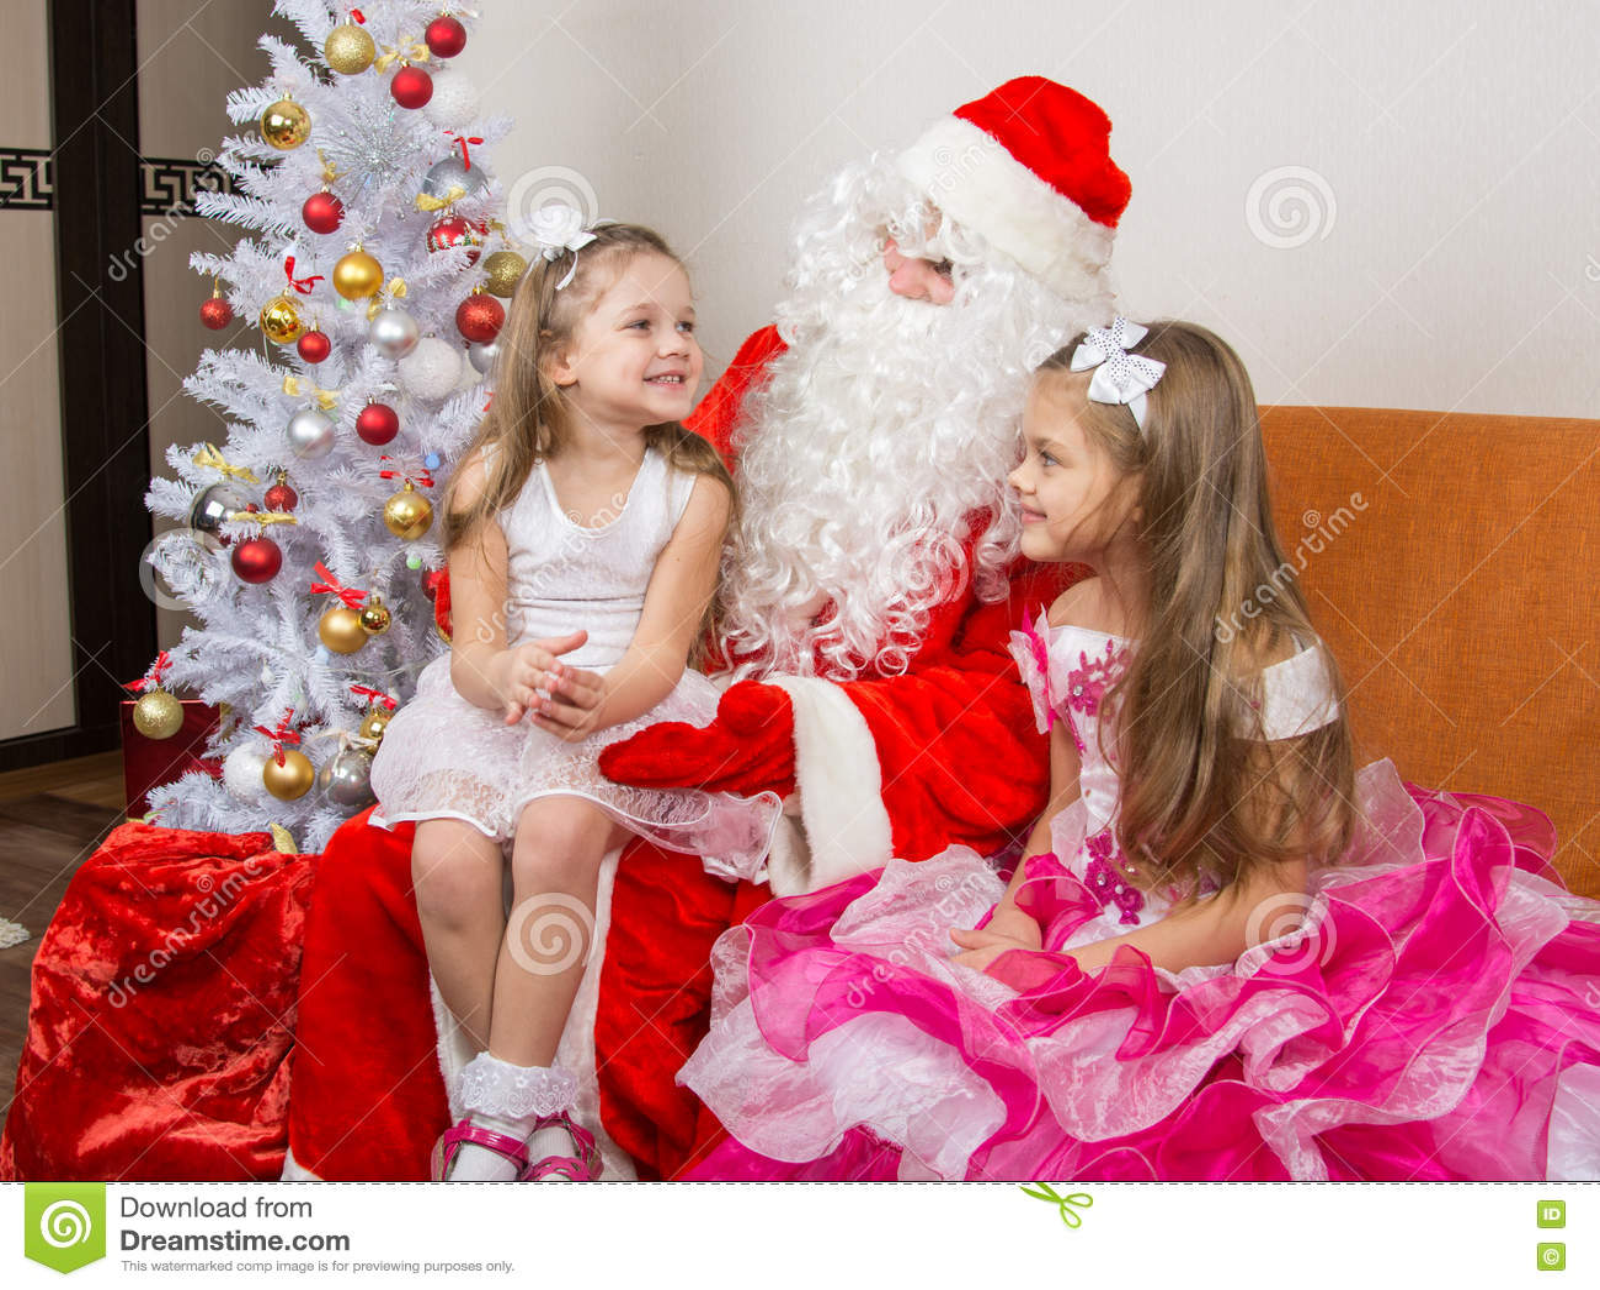 Małej Dziewczynki Obsiadanie Na Podołku święty Mikołaj I